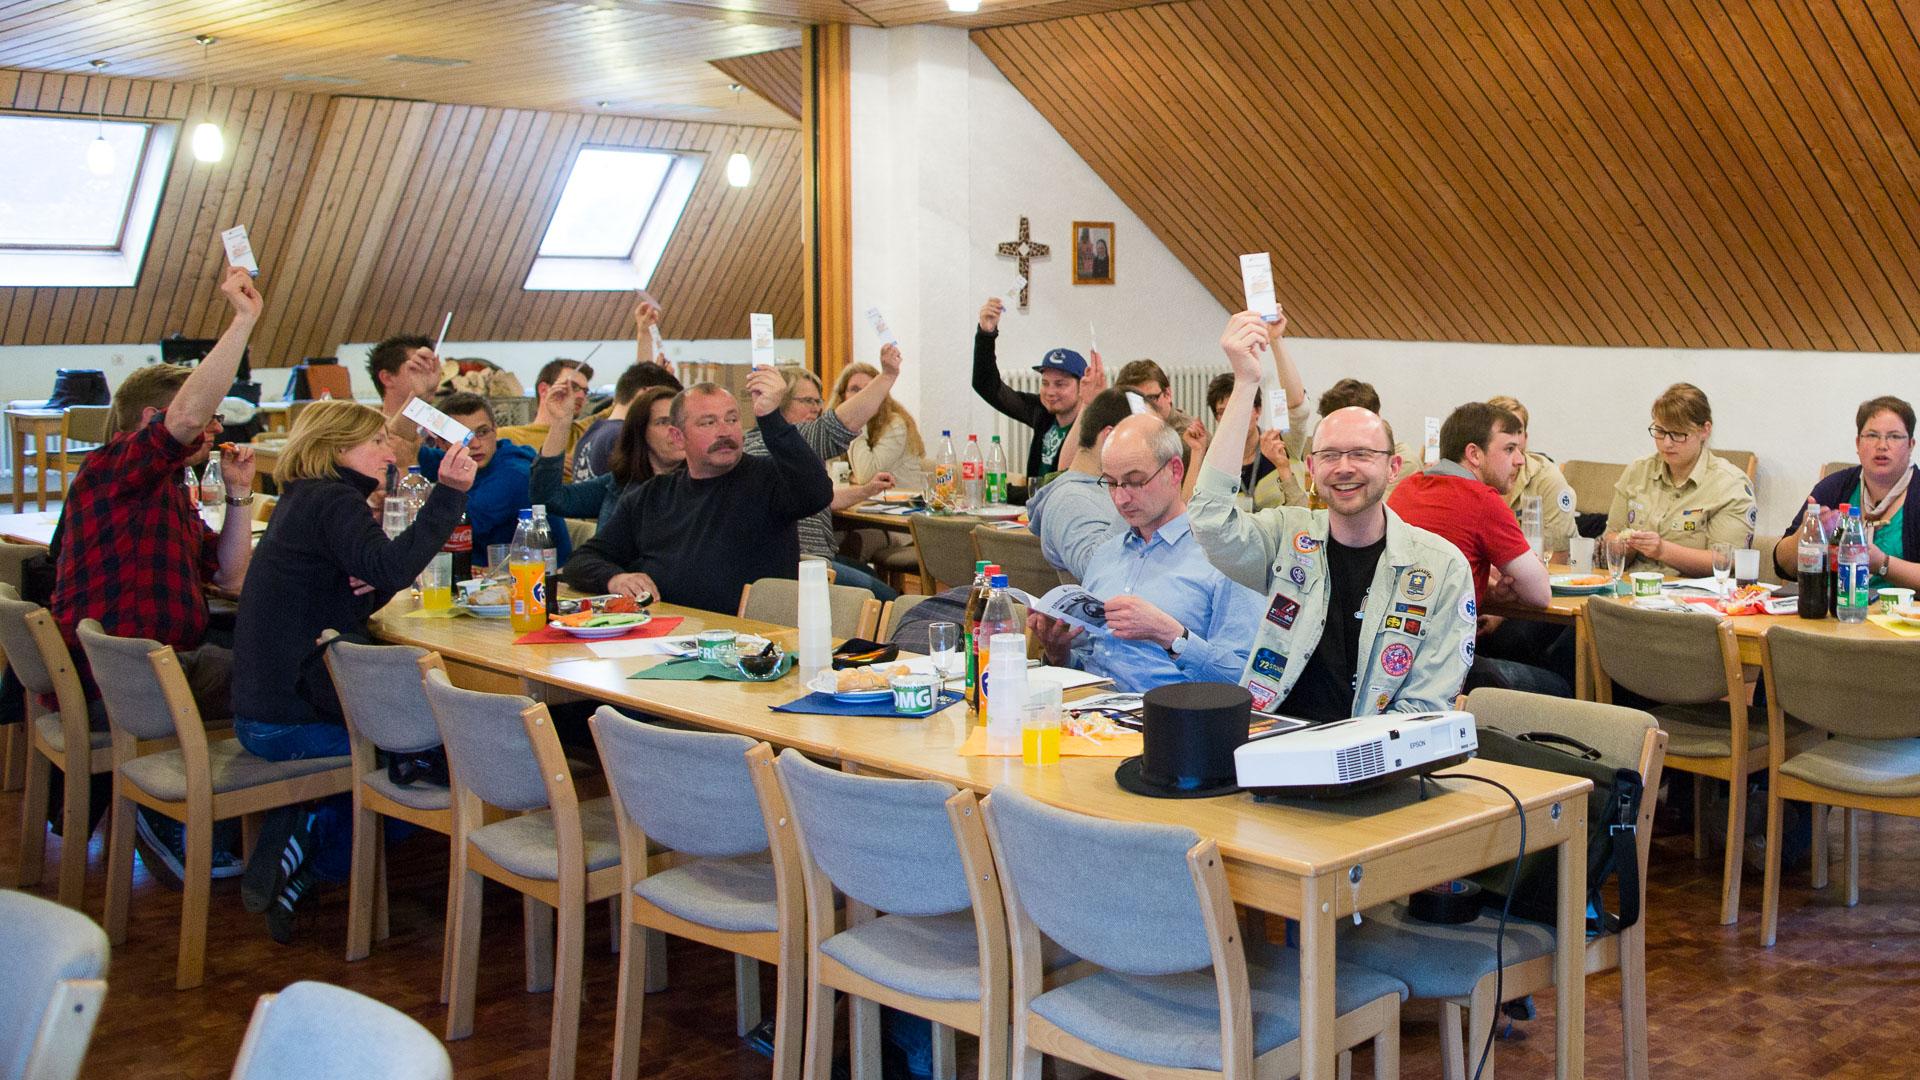 Bezirksversammlung2015-S.Humbek-023-IM6A3232